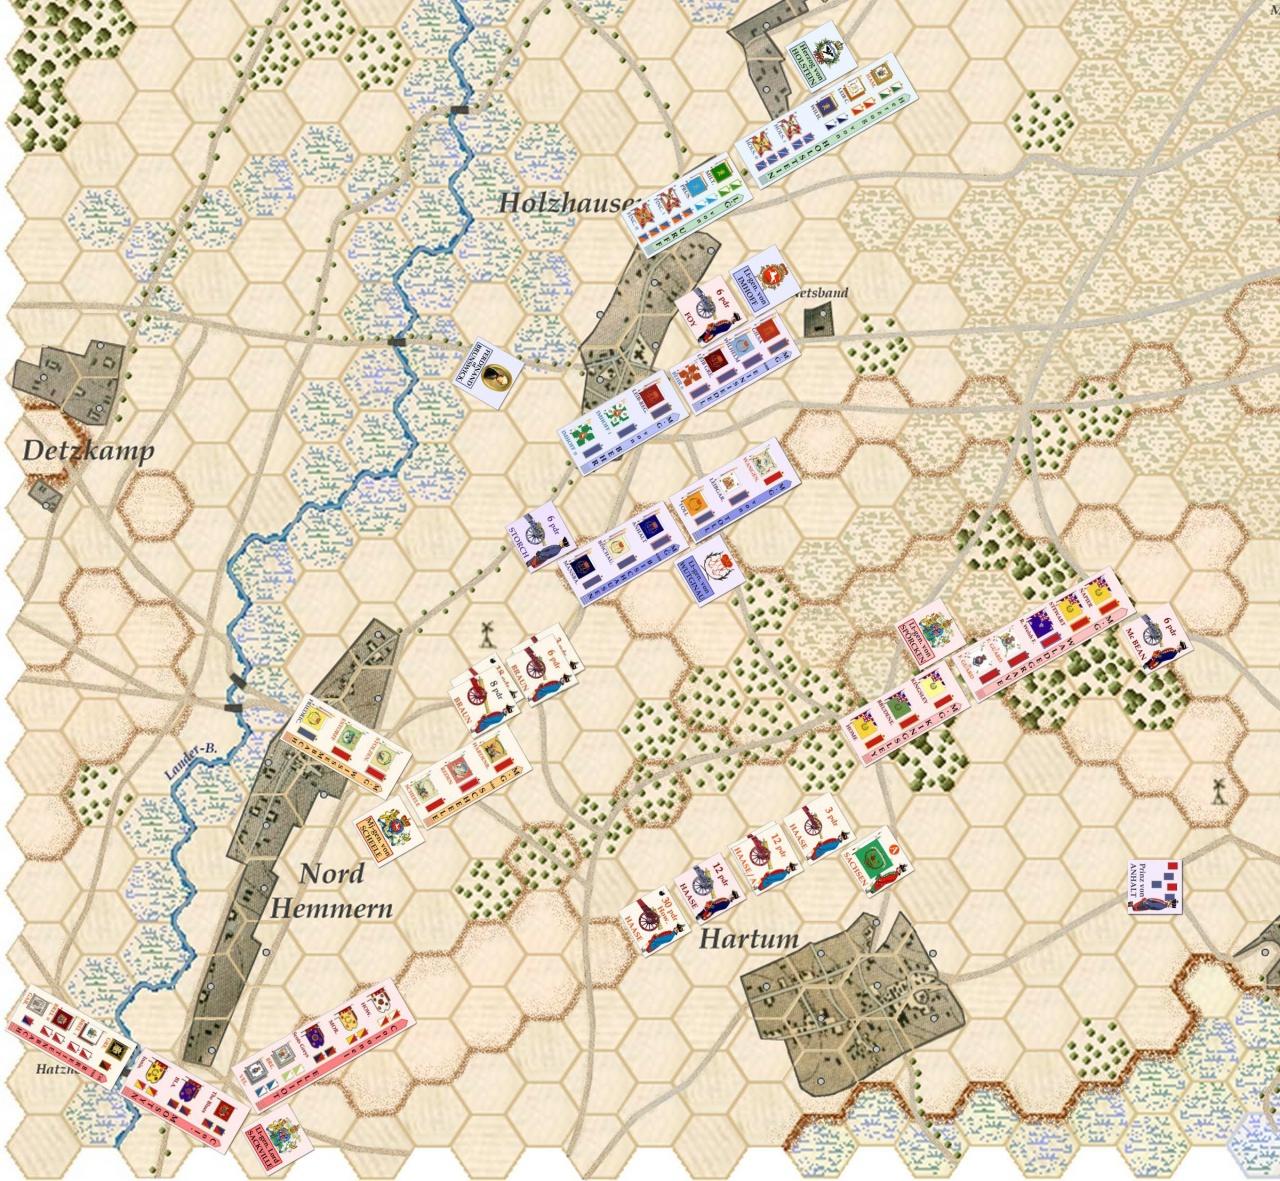 Nouveau Jeu : Bataille de Minden - Page 9 986588Situation0400marcheallis